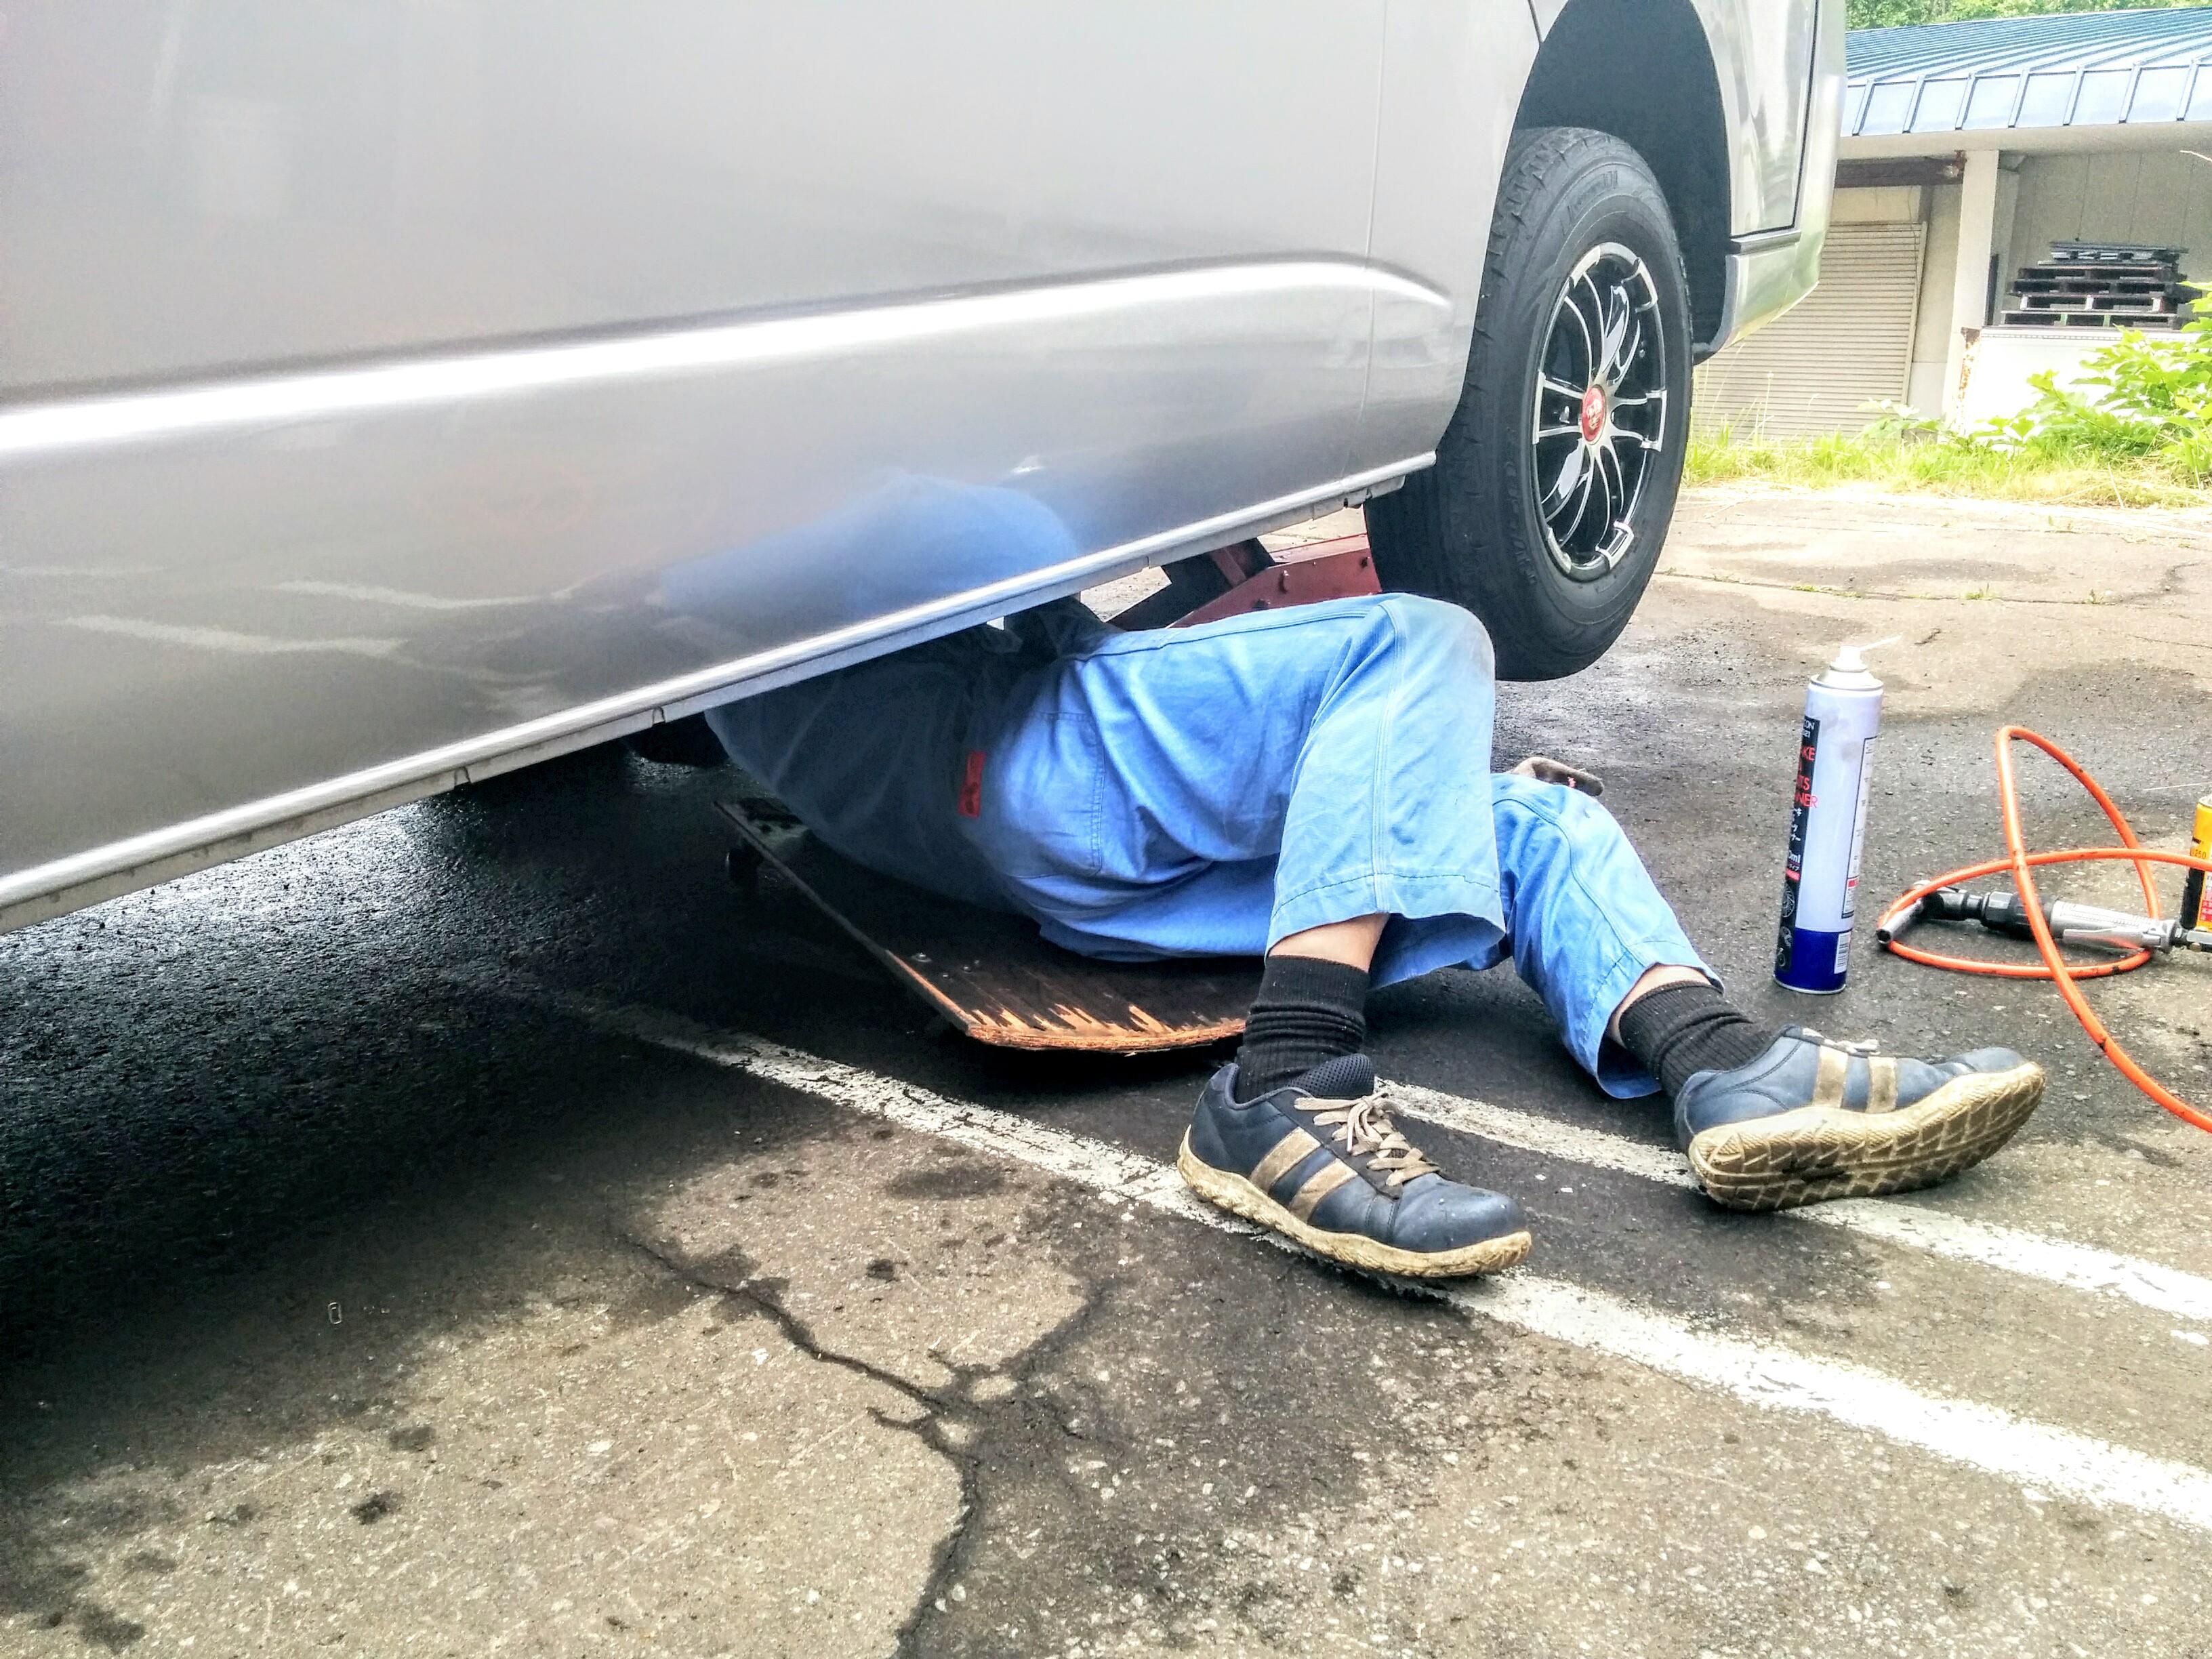 【小樽】愛車ハイエースの三カ月点検とオイル交換、タイヤの振り替えをして来ました。